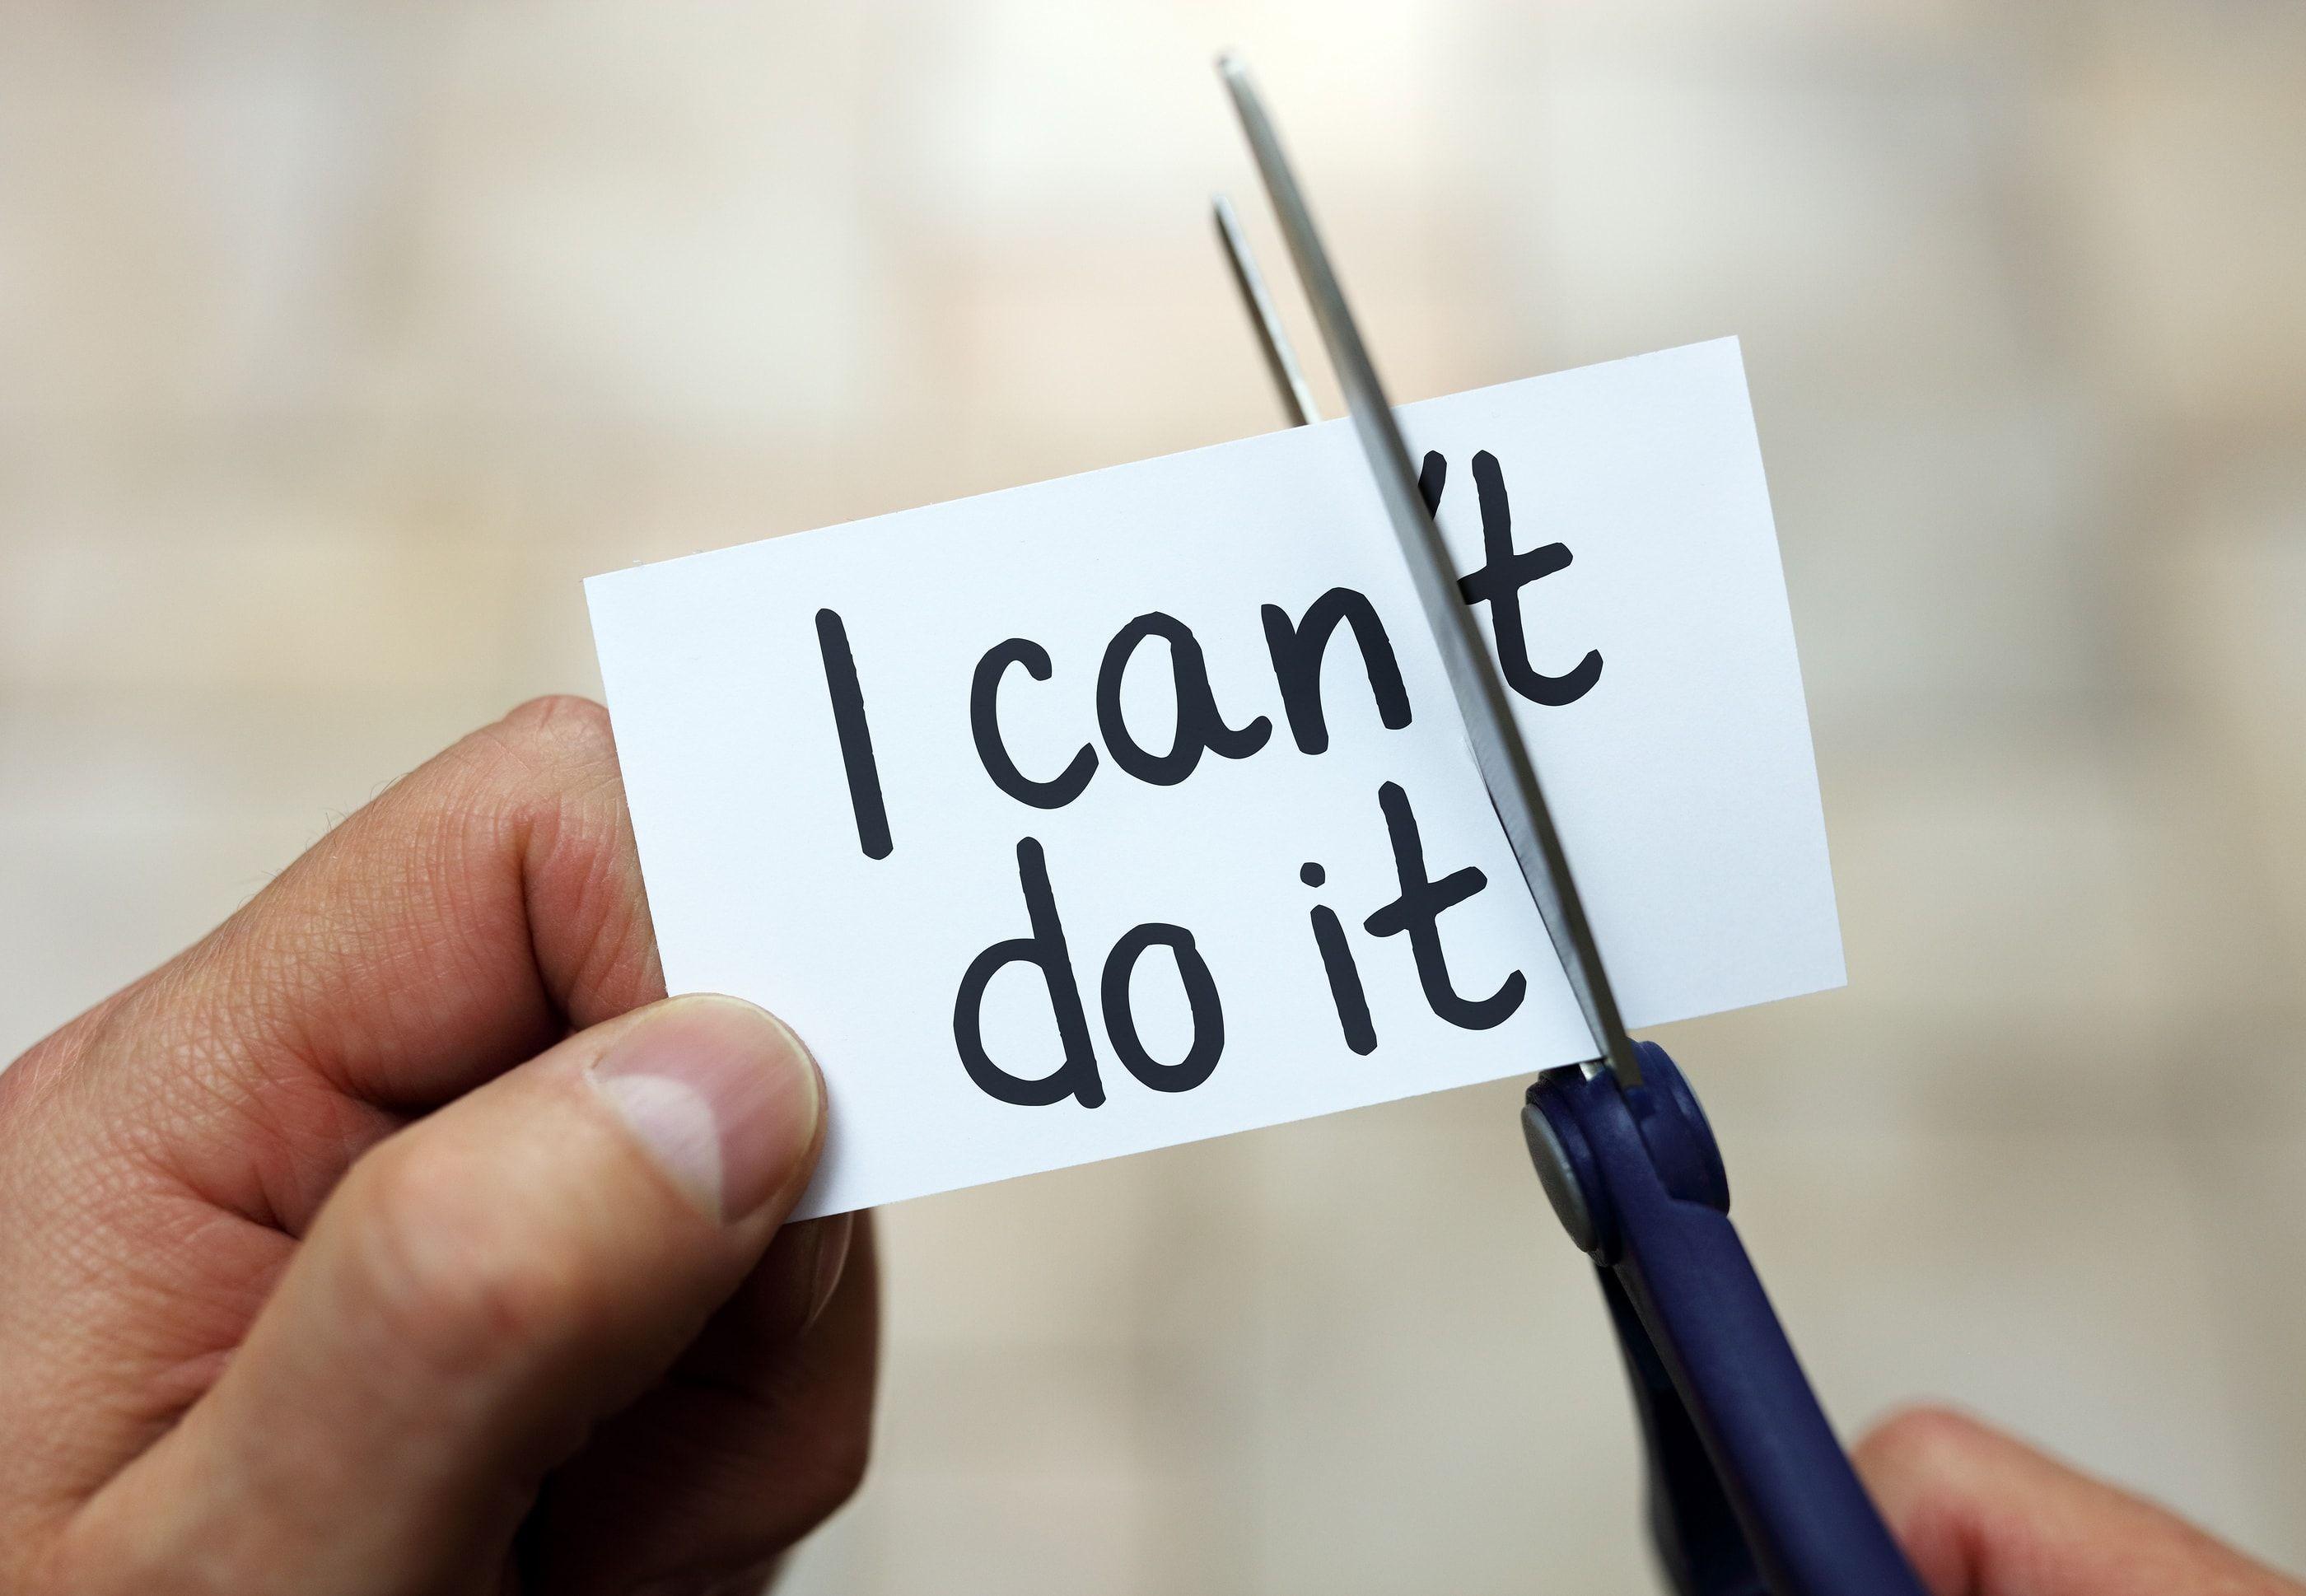 İlham ve Motivasyon Kaynağı Birbirinden Değerli Konuşmalar